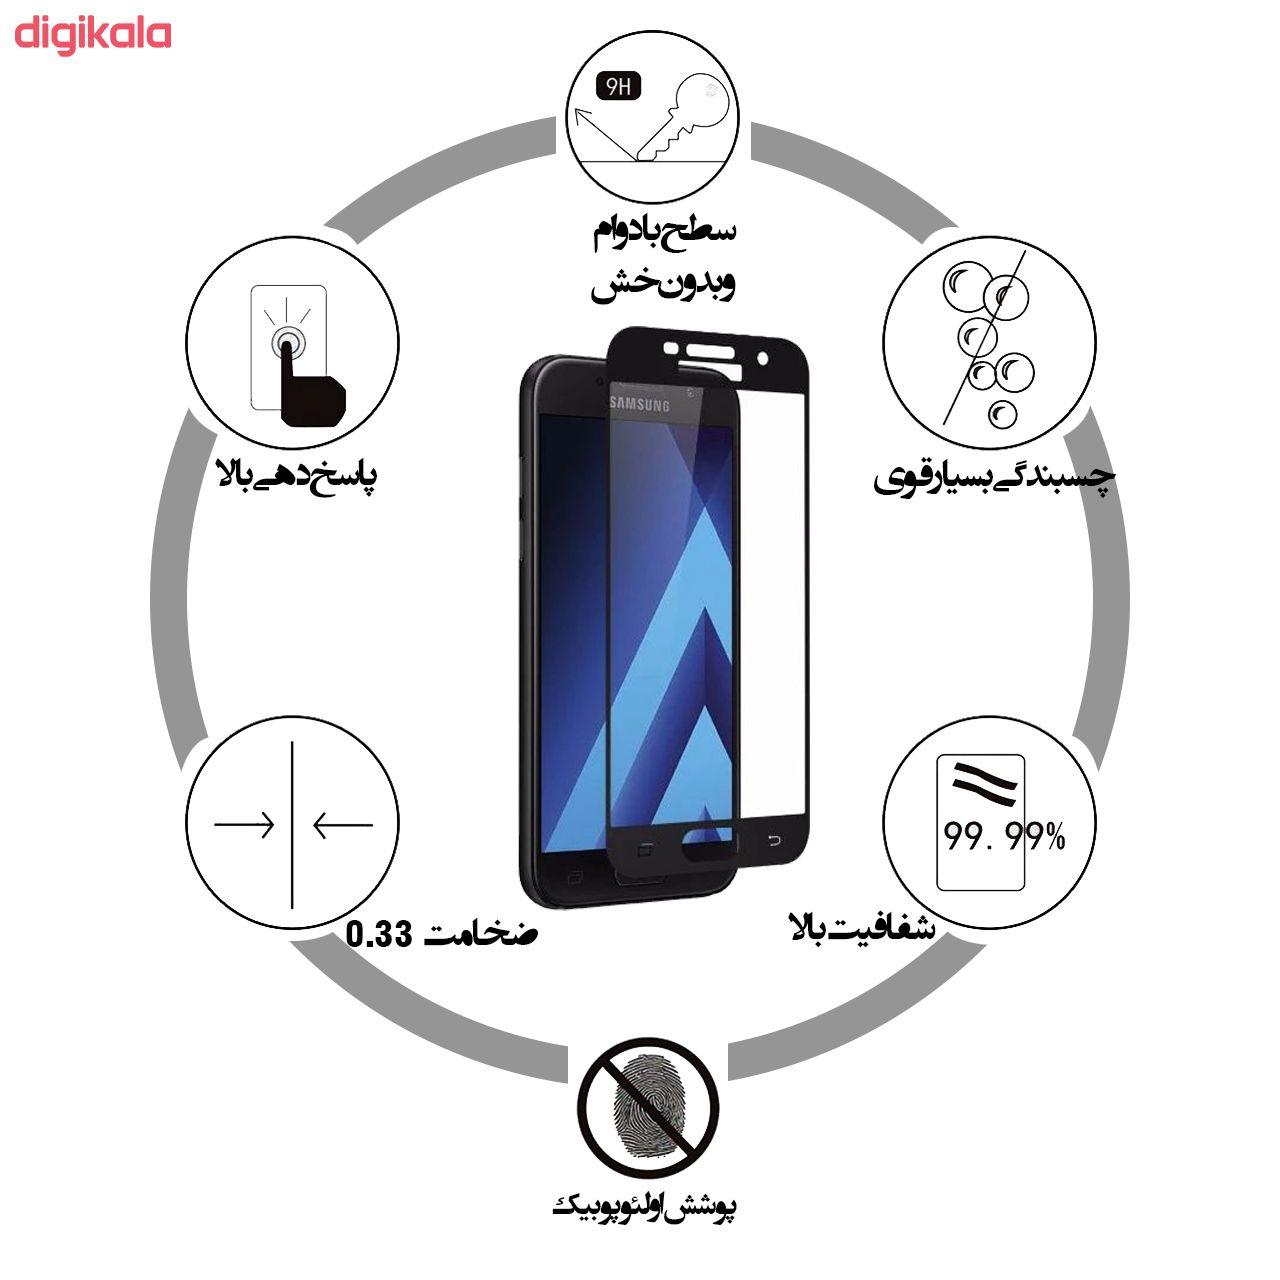 خرید اینترنتی با تخفیف ویژه محافظ صفحه نمایش دبو مدل RS9A مناسب برای گوشی موبایل سامسونگ Galaxy A7 2017